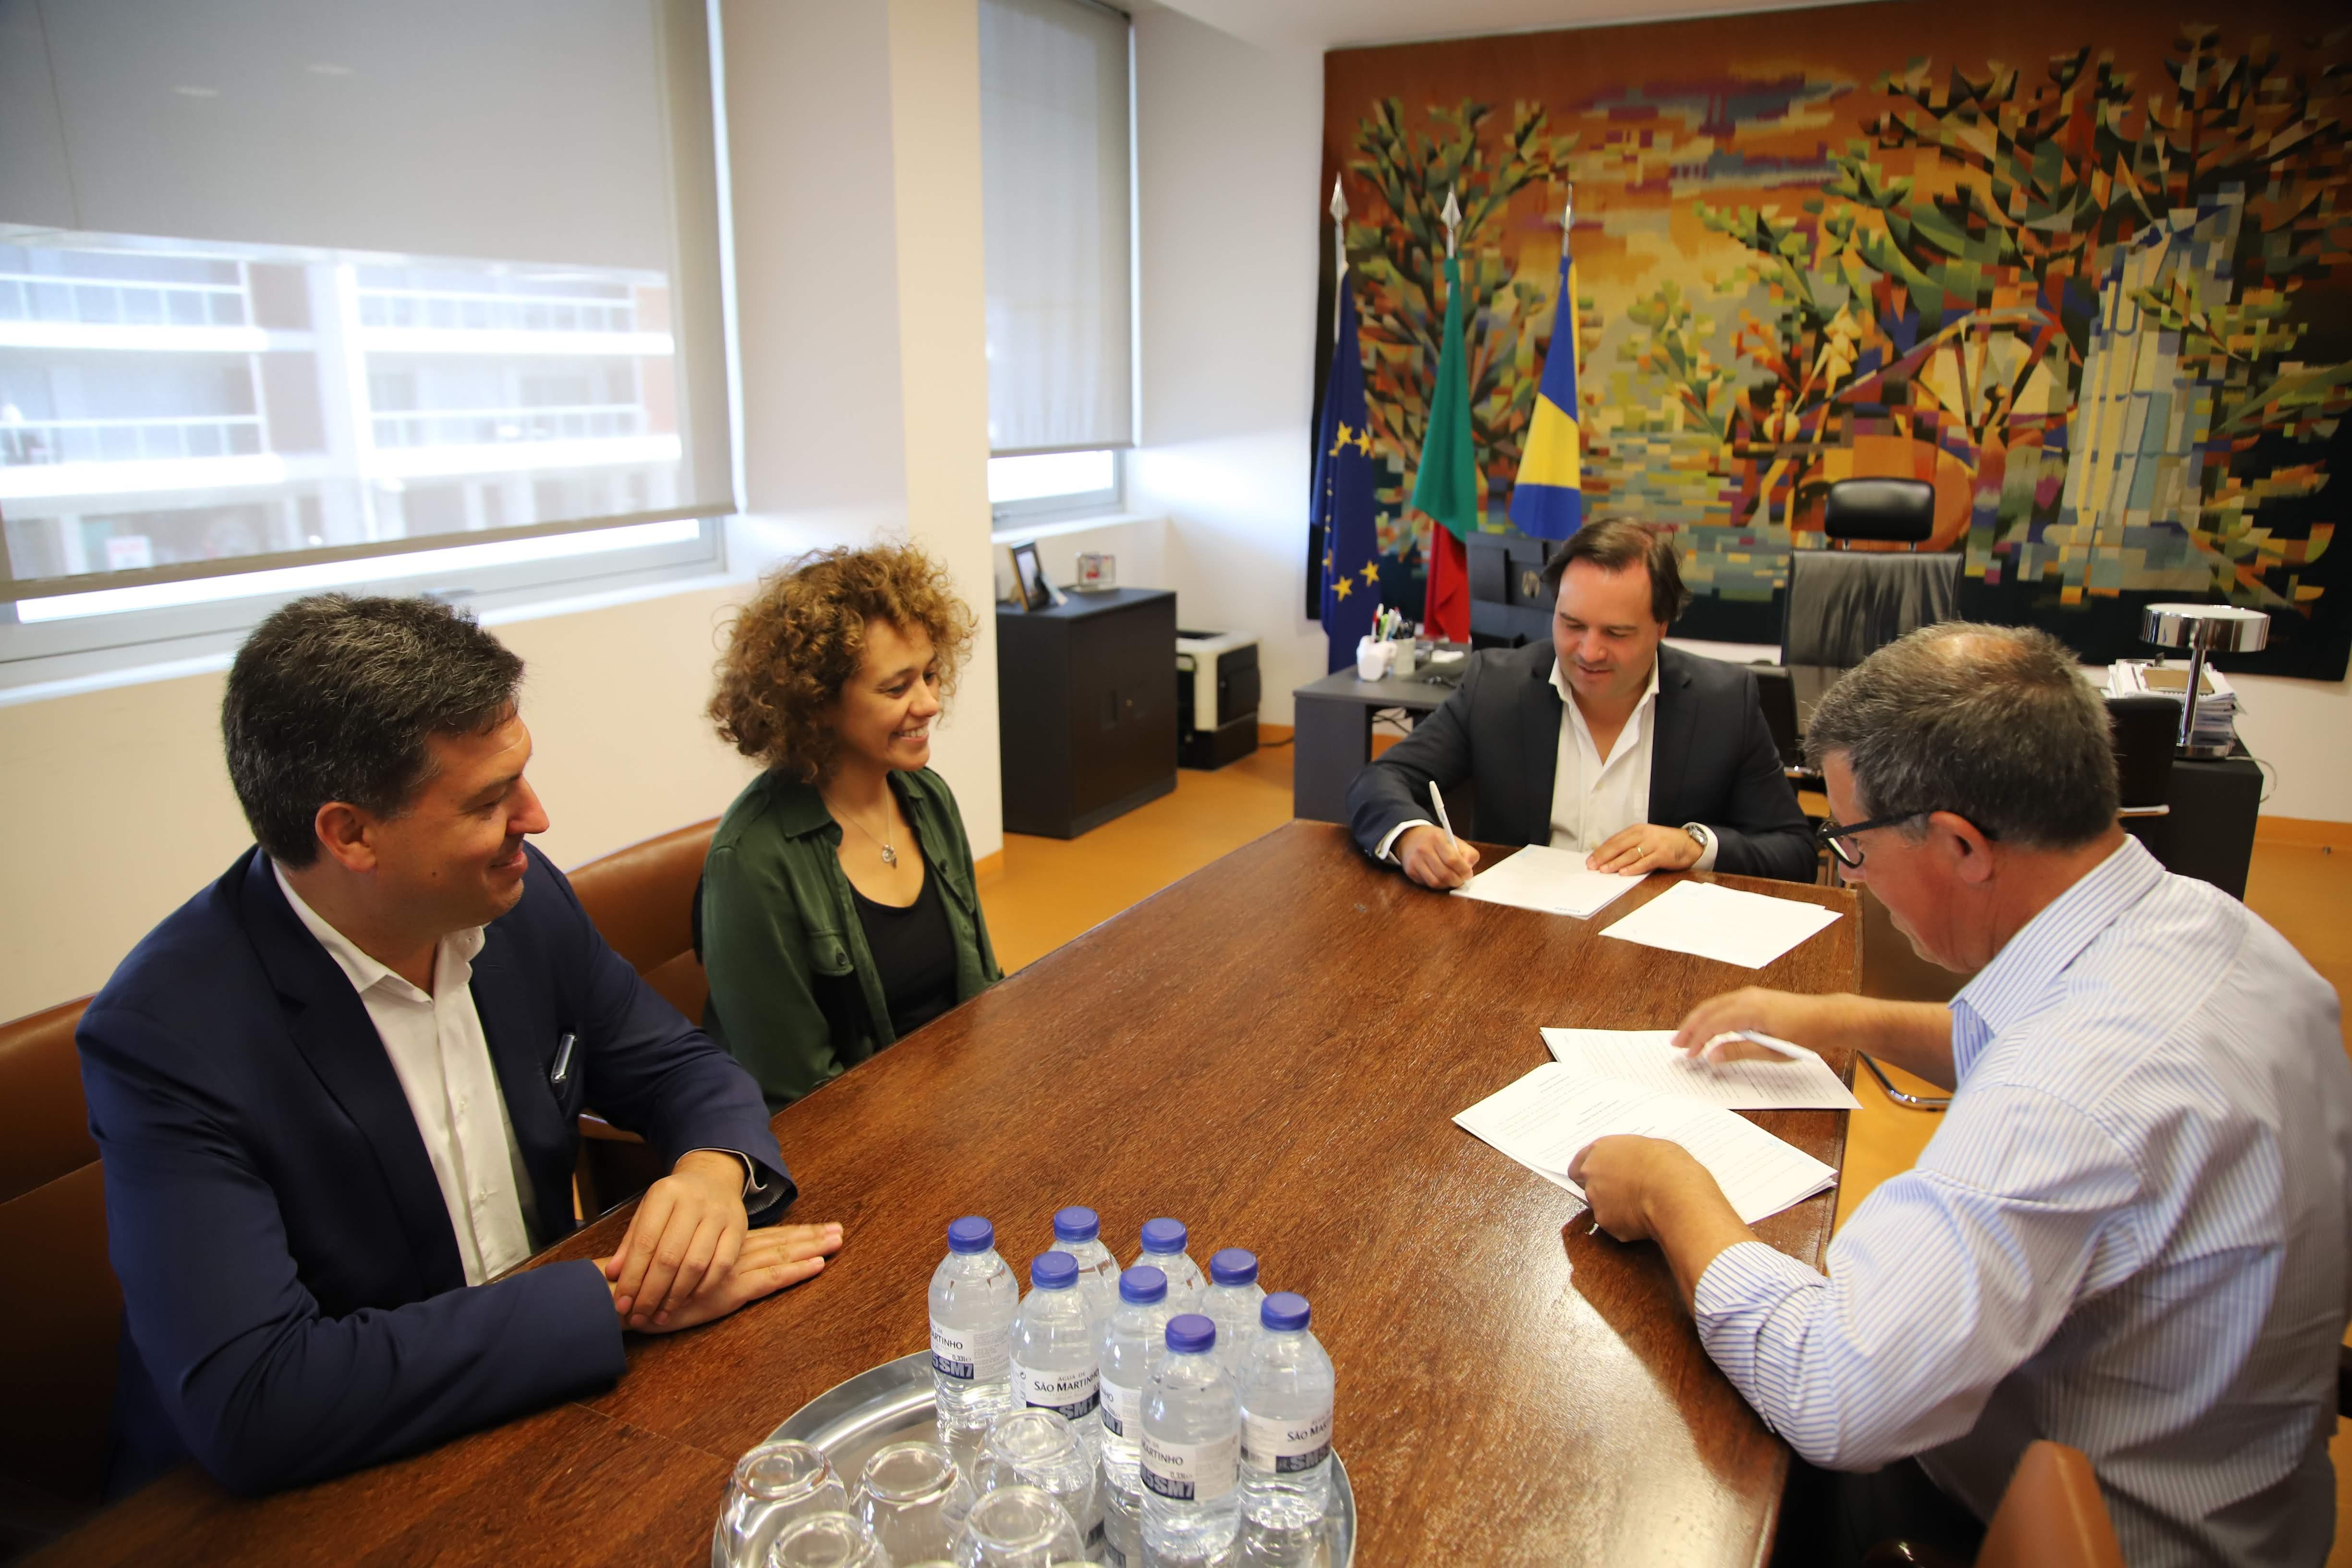 Câmara assinou protocolo com a Sociedade Filarmónica Vizelense